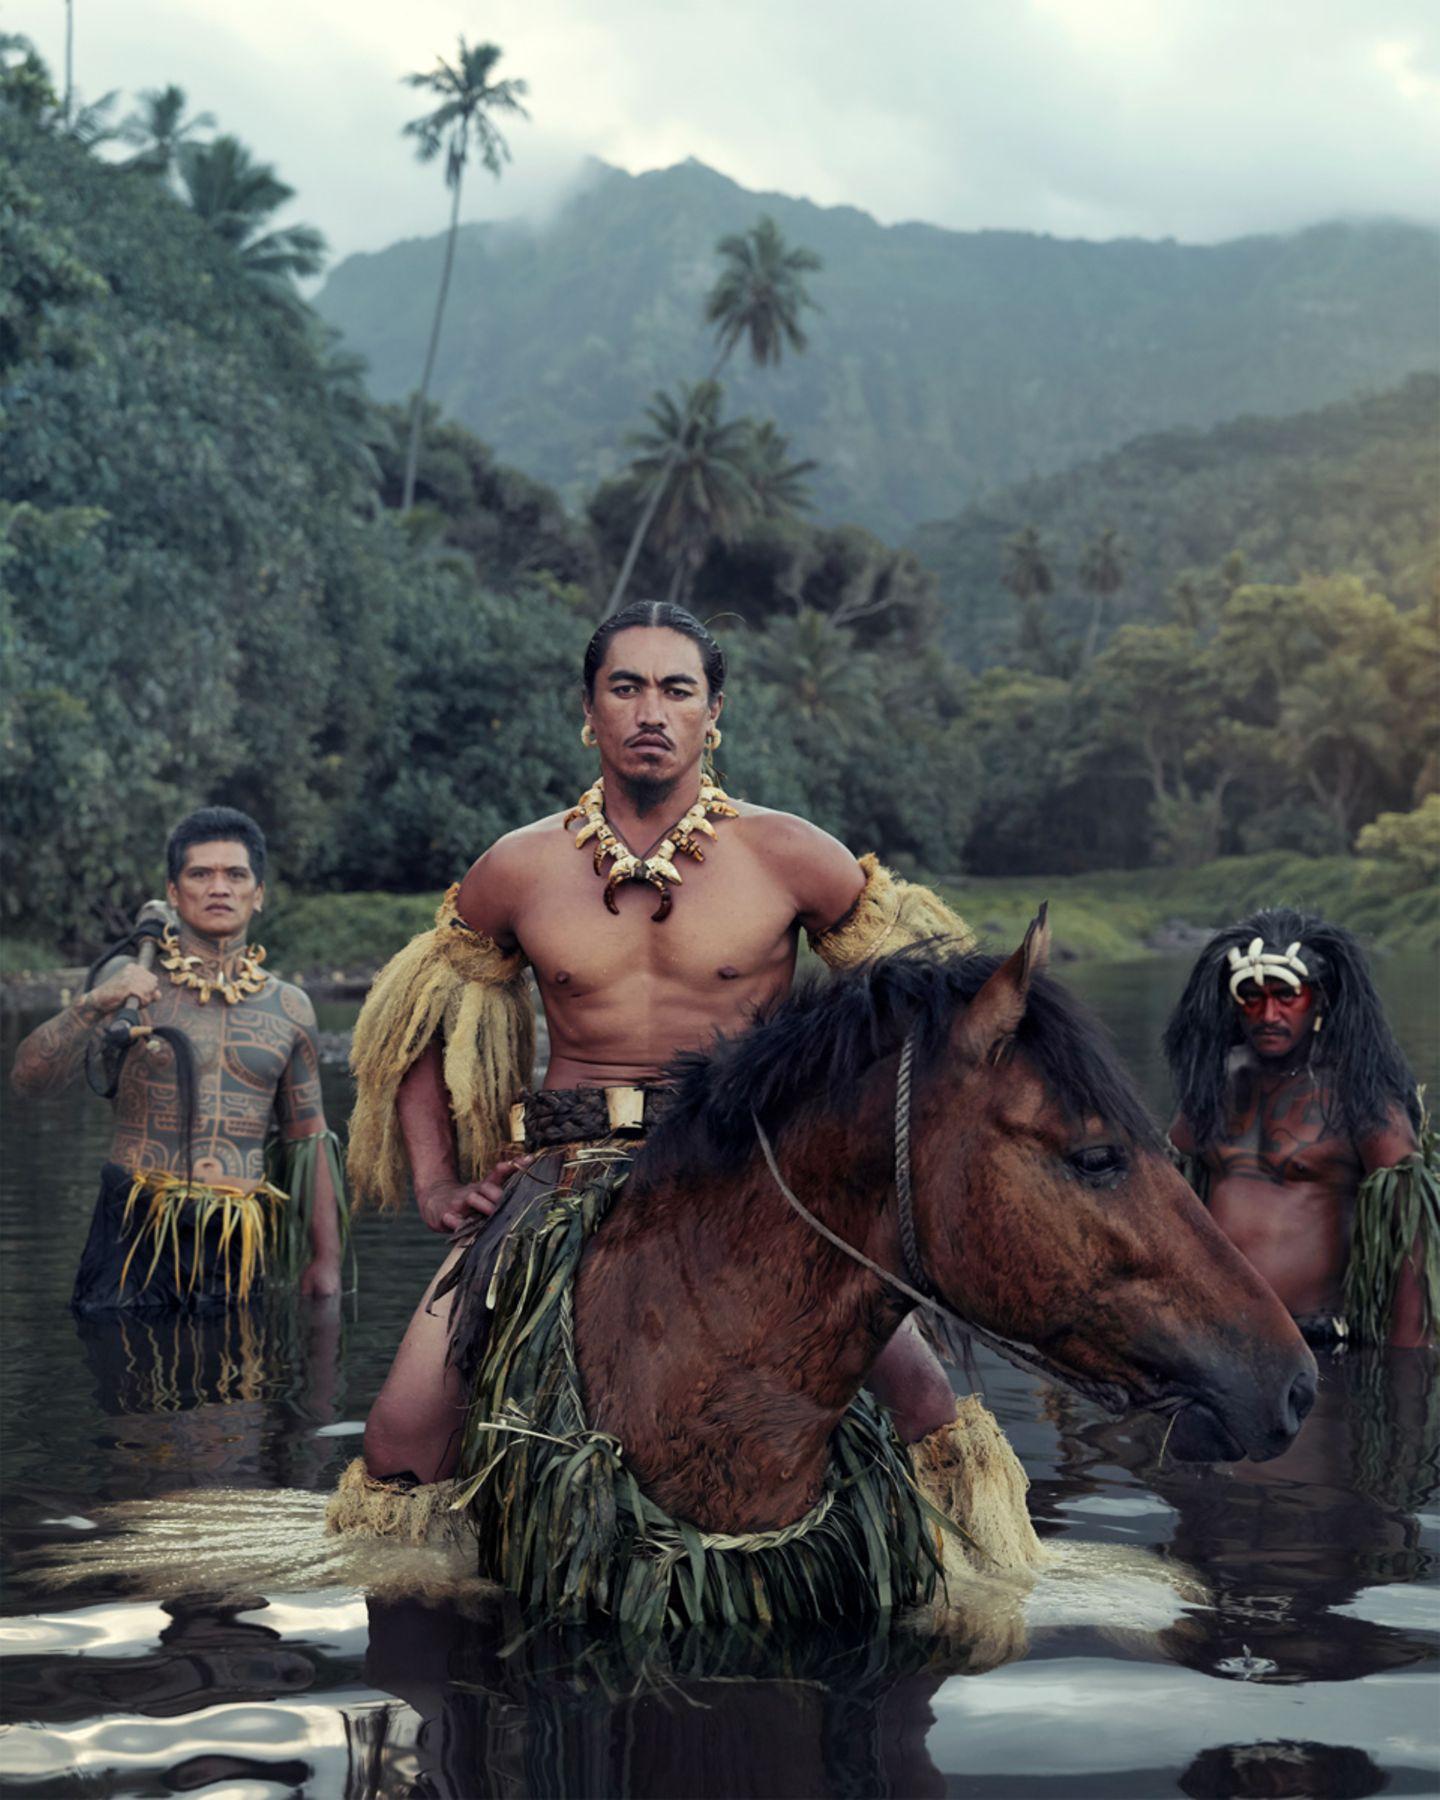 Nelson inszeniert die Männer auf Hiva Oa im Südostpazifik als Krieger